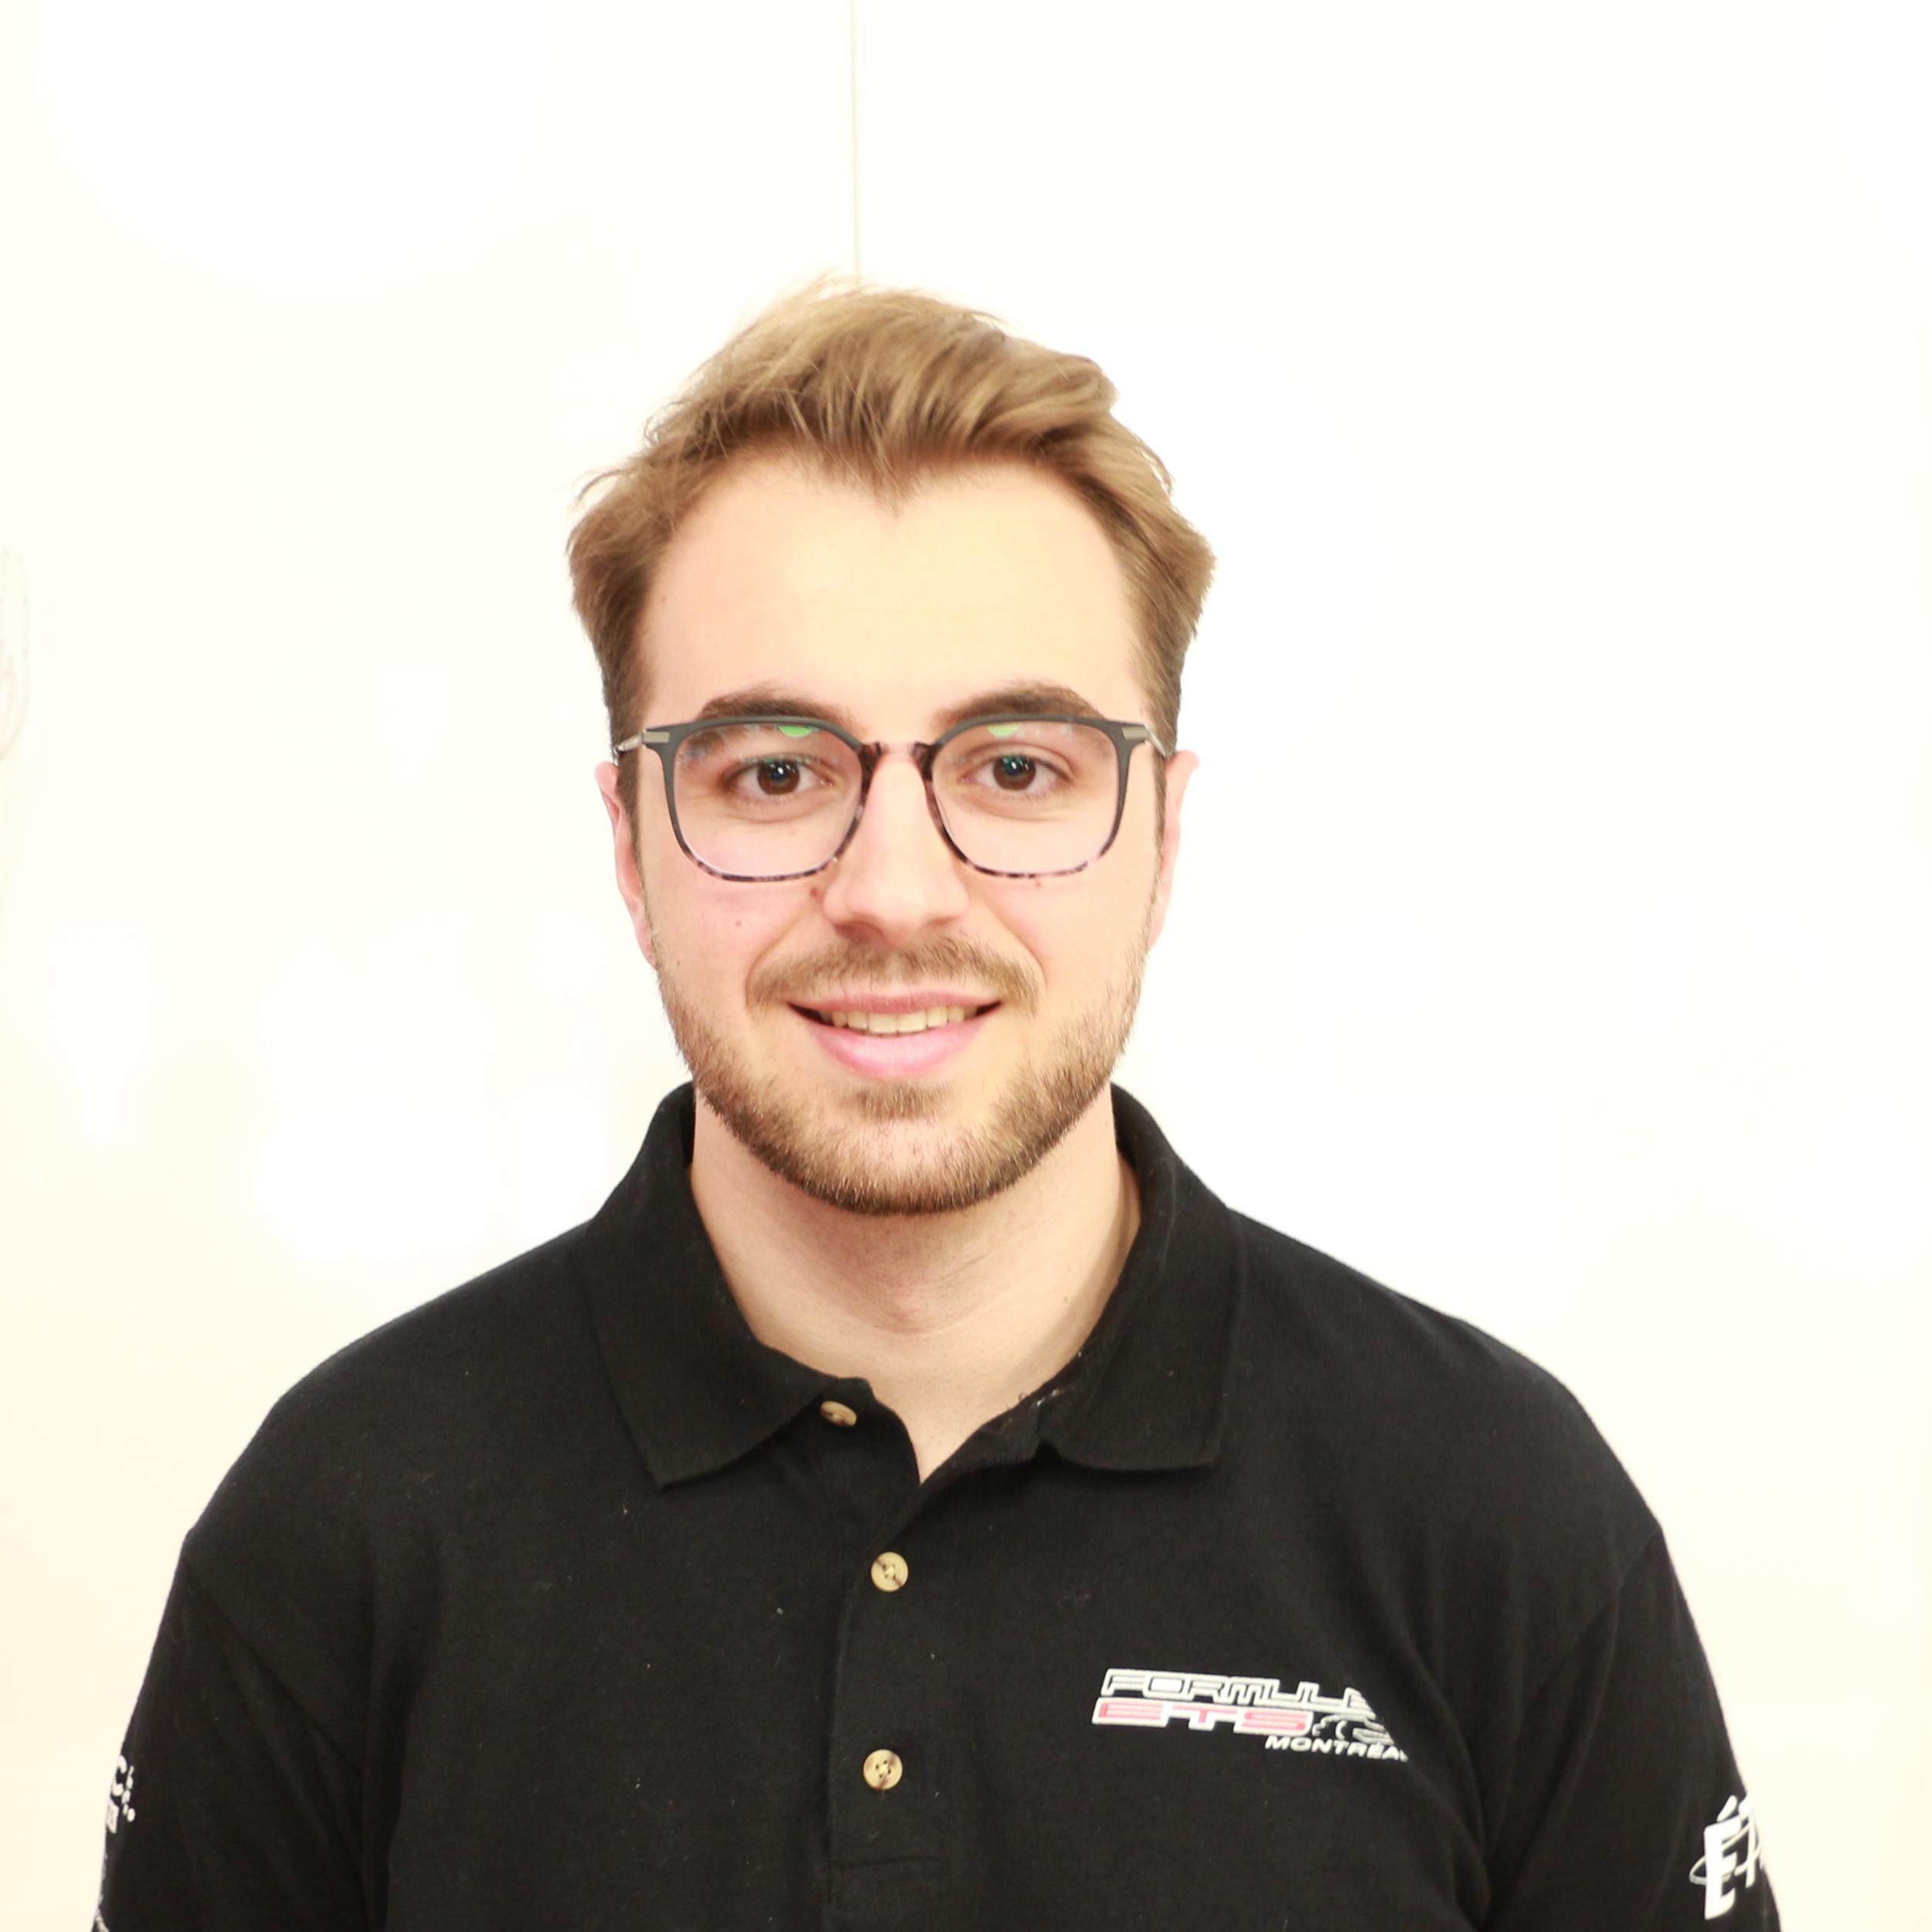 Antoine Desrochers-Lapalme   Technical Director  a.desrochers.formule.ets@gmail.com